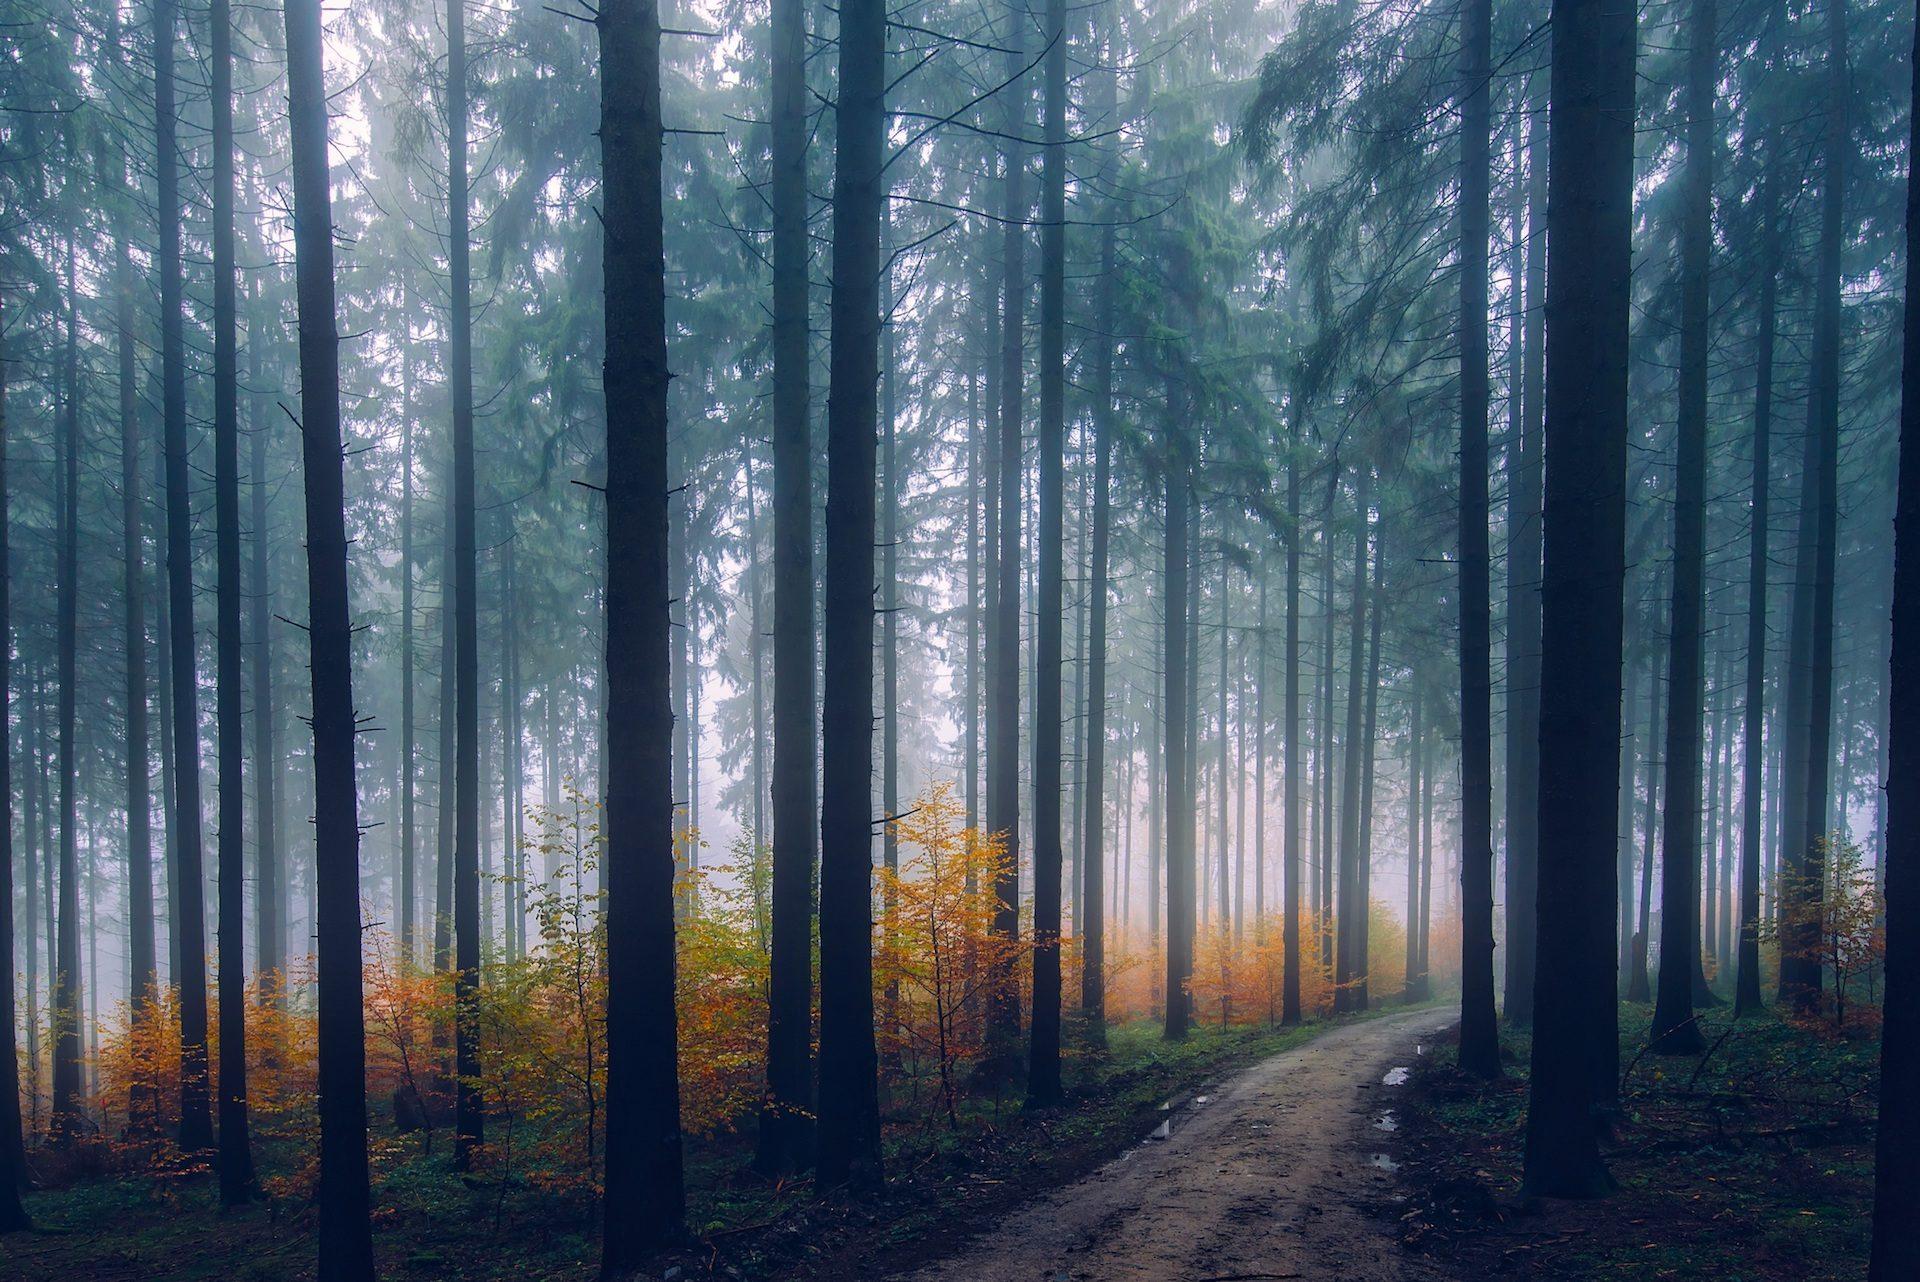 Обои лес 1920x1080 картинки фото HD обои лес 1920x1080